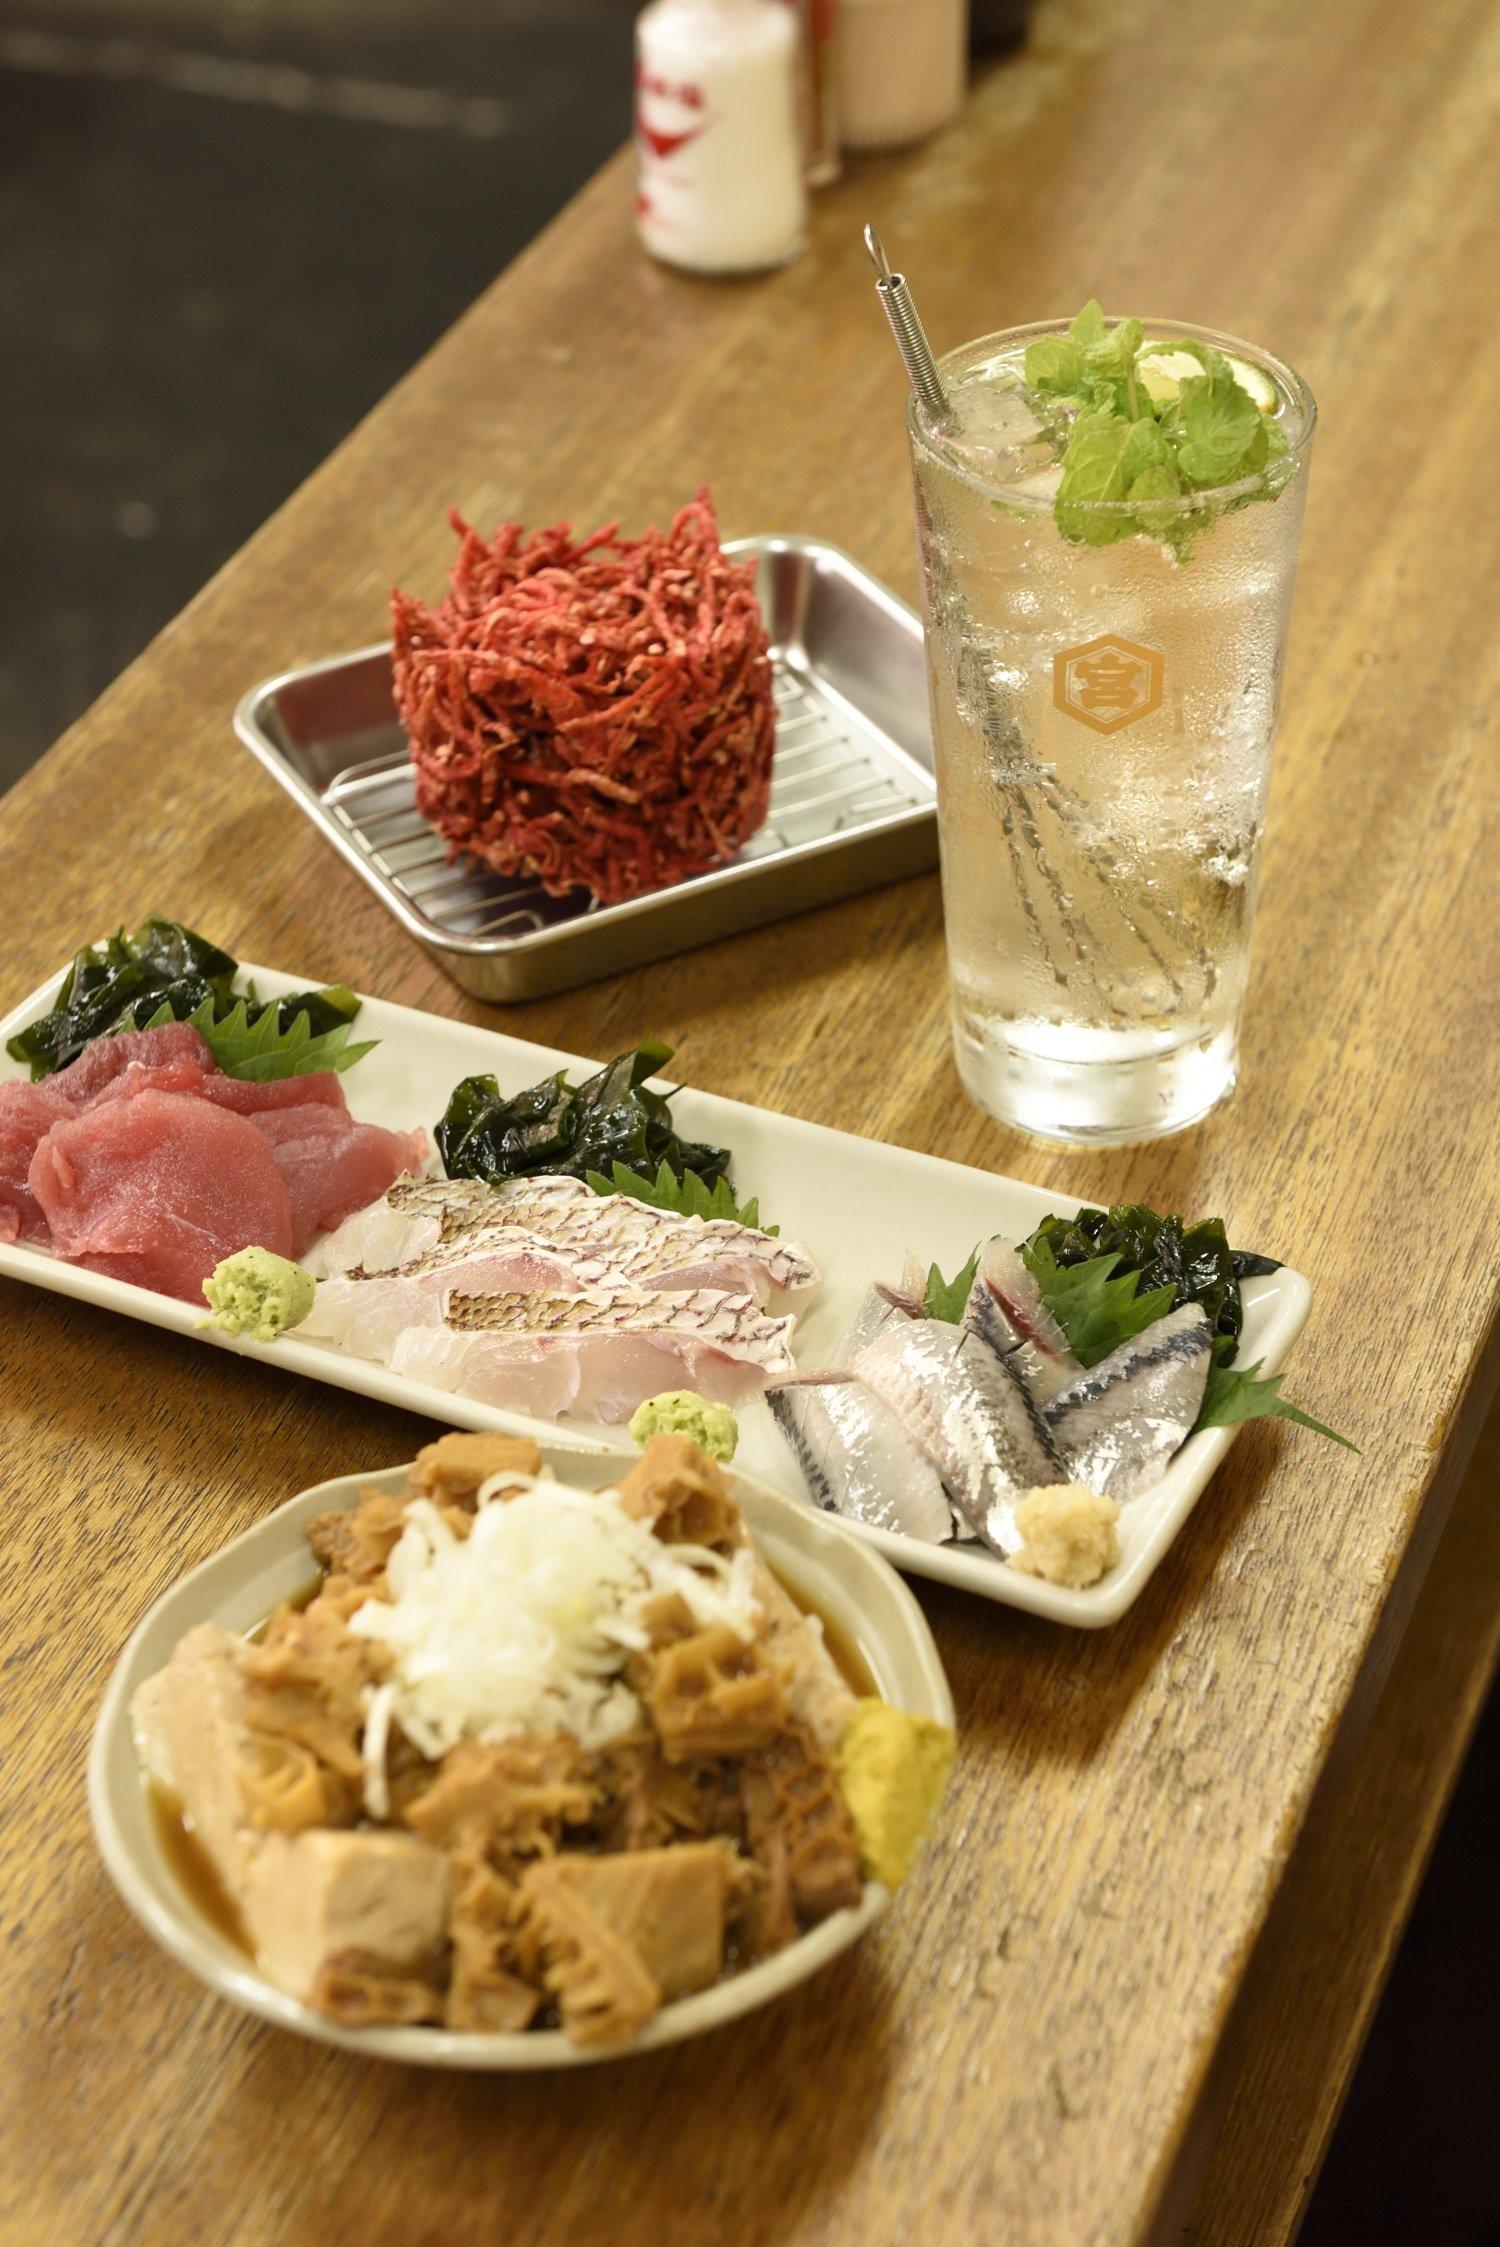 肉豆腐に煮込みをかけた「重ネ」528円、マグロ、タイ各495円、イワシ385円。紅しょうがのかき揚げ330円。キンミヤモヒート385円。